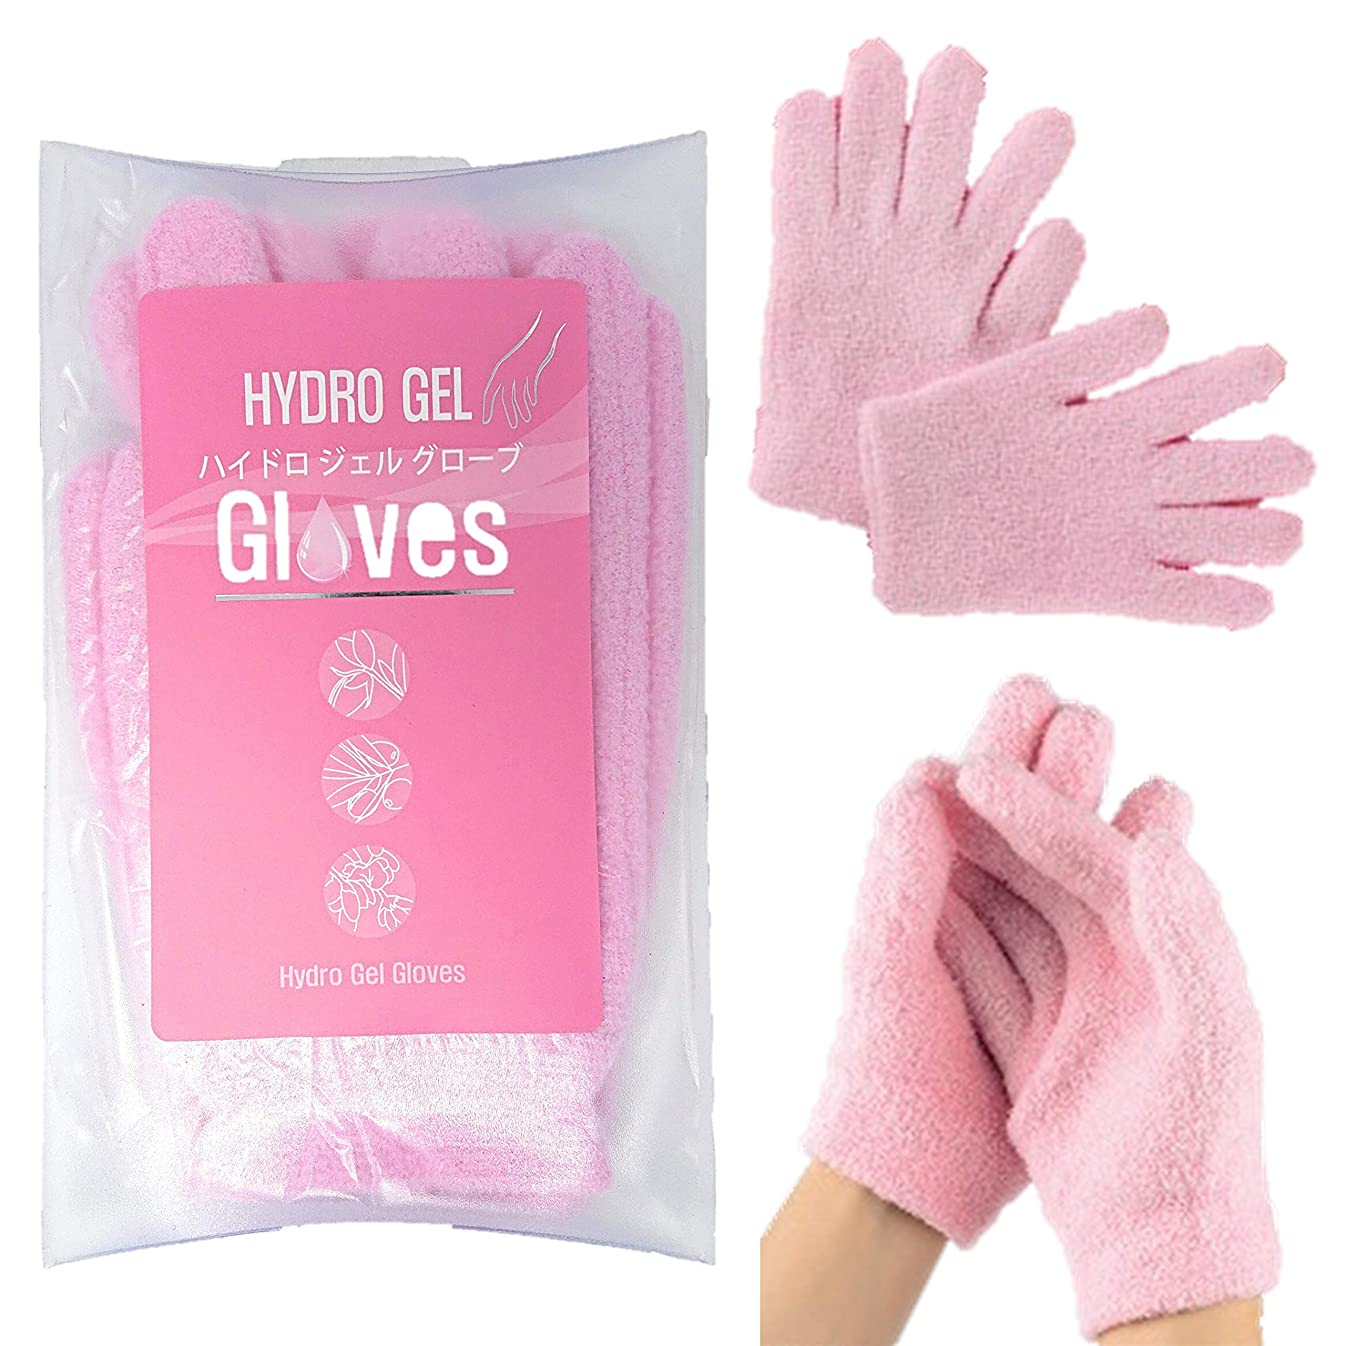 サイバースペース状態コーナー美容 保湿 手袋 Mediet ハイドロ ジェル グローブ フリーサイズ 肌のカサカサ 痒み 防止 緩和